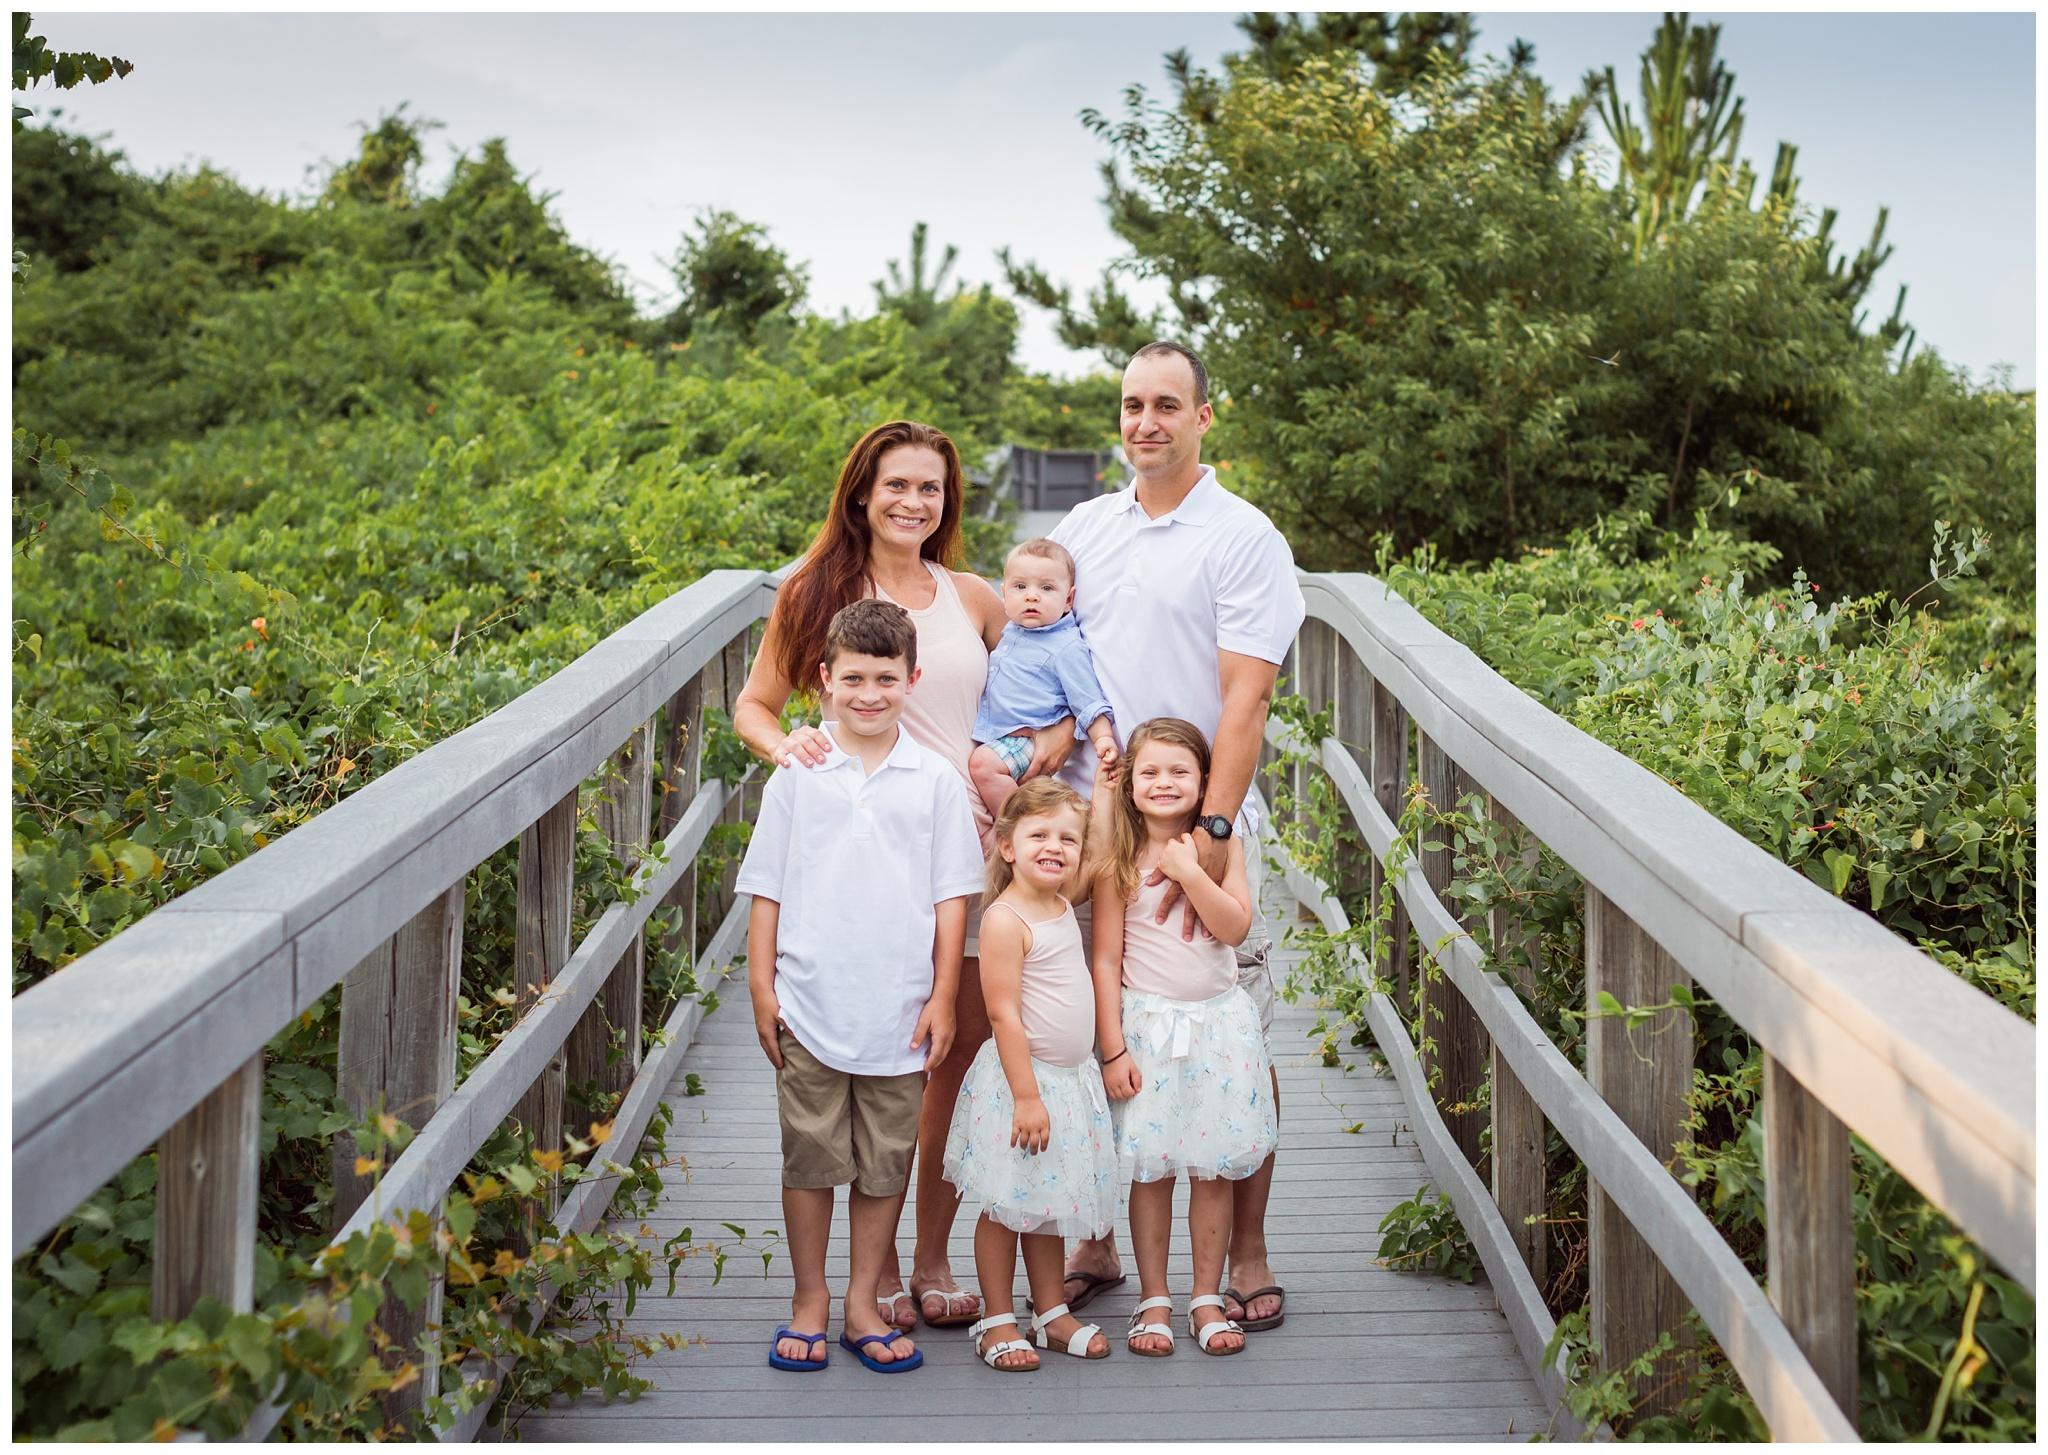 Virginia-Beach-Family-Photographer -1.jpg